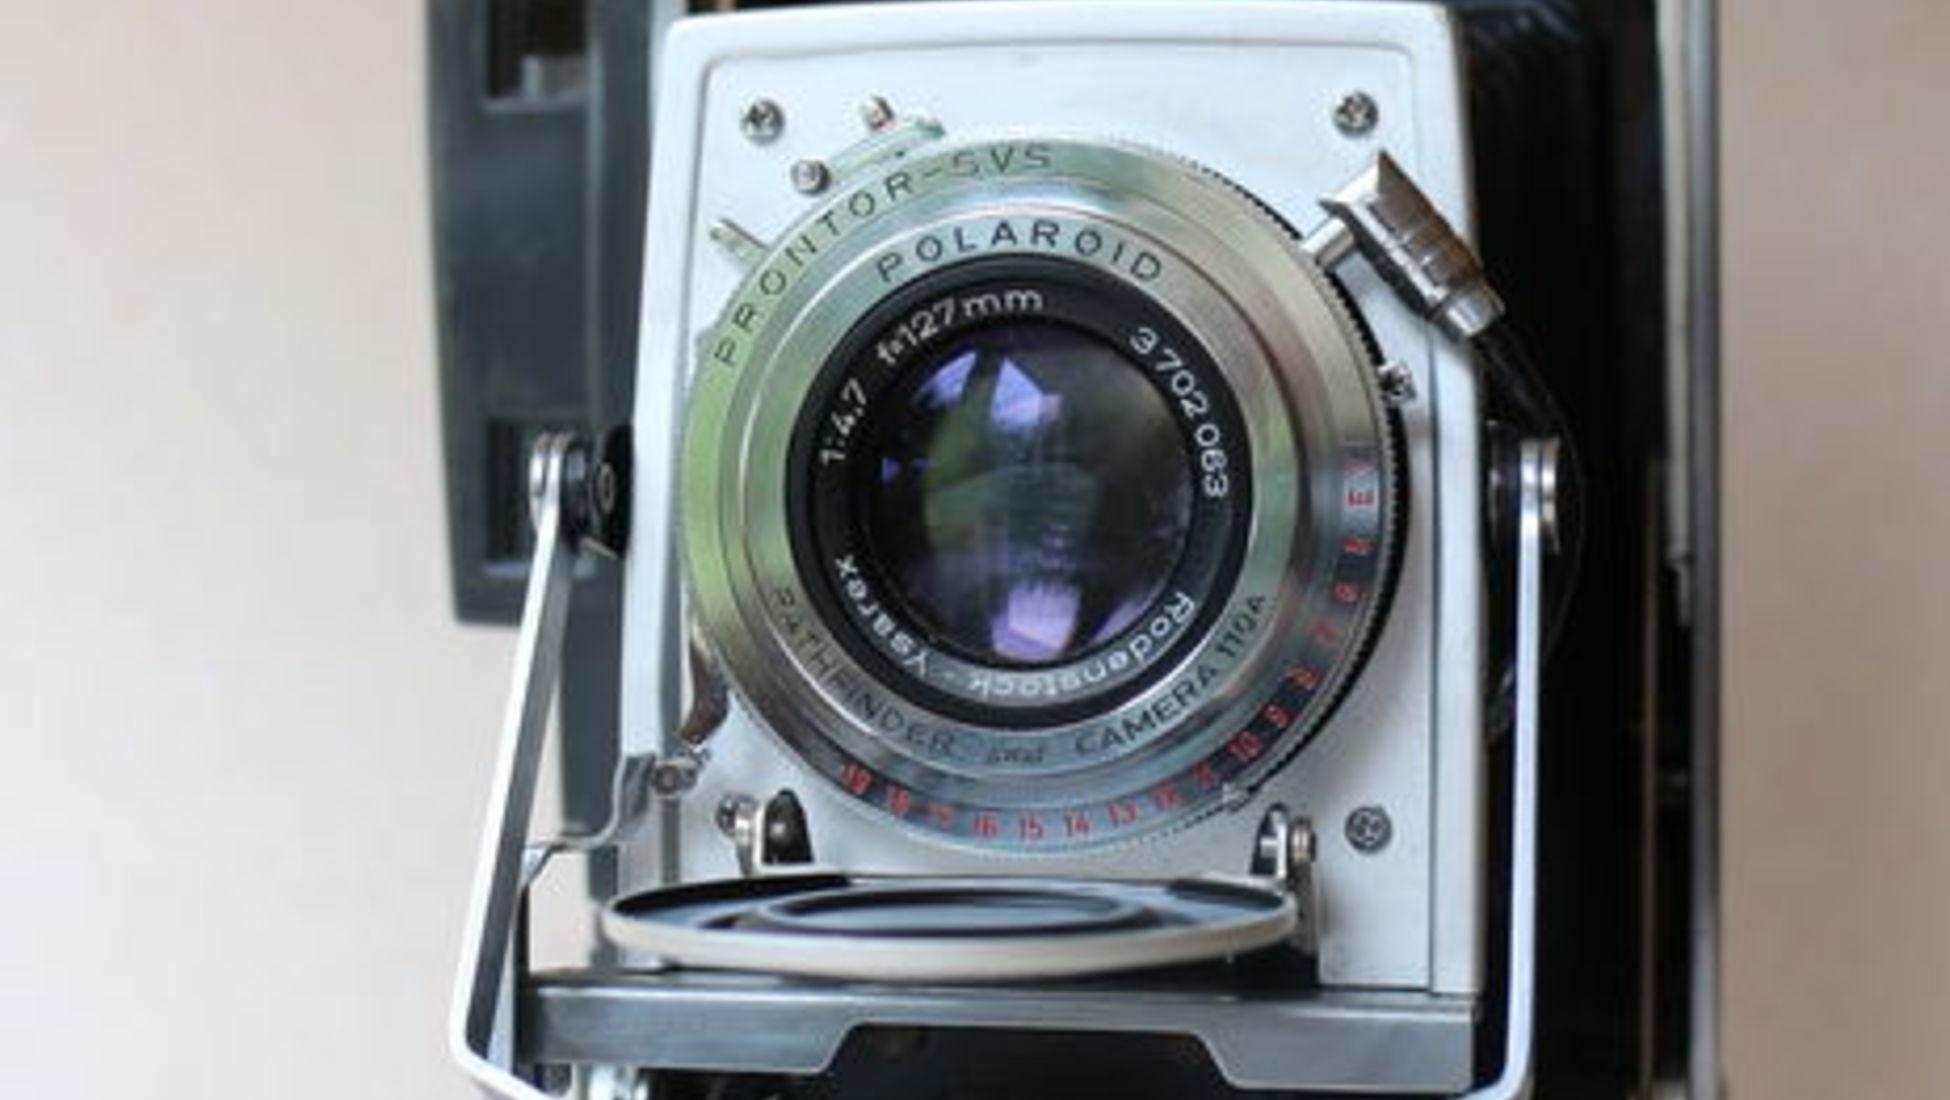 1. Polaroid 120 Pathfinder - cerca de 1960 - 420 € Quando foi vendida em  leilão, esta Polaroid 120 estava acompanhada da luz de flash original e de  um ... 40054f4a8d